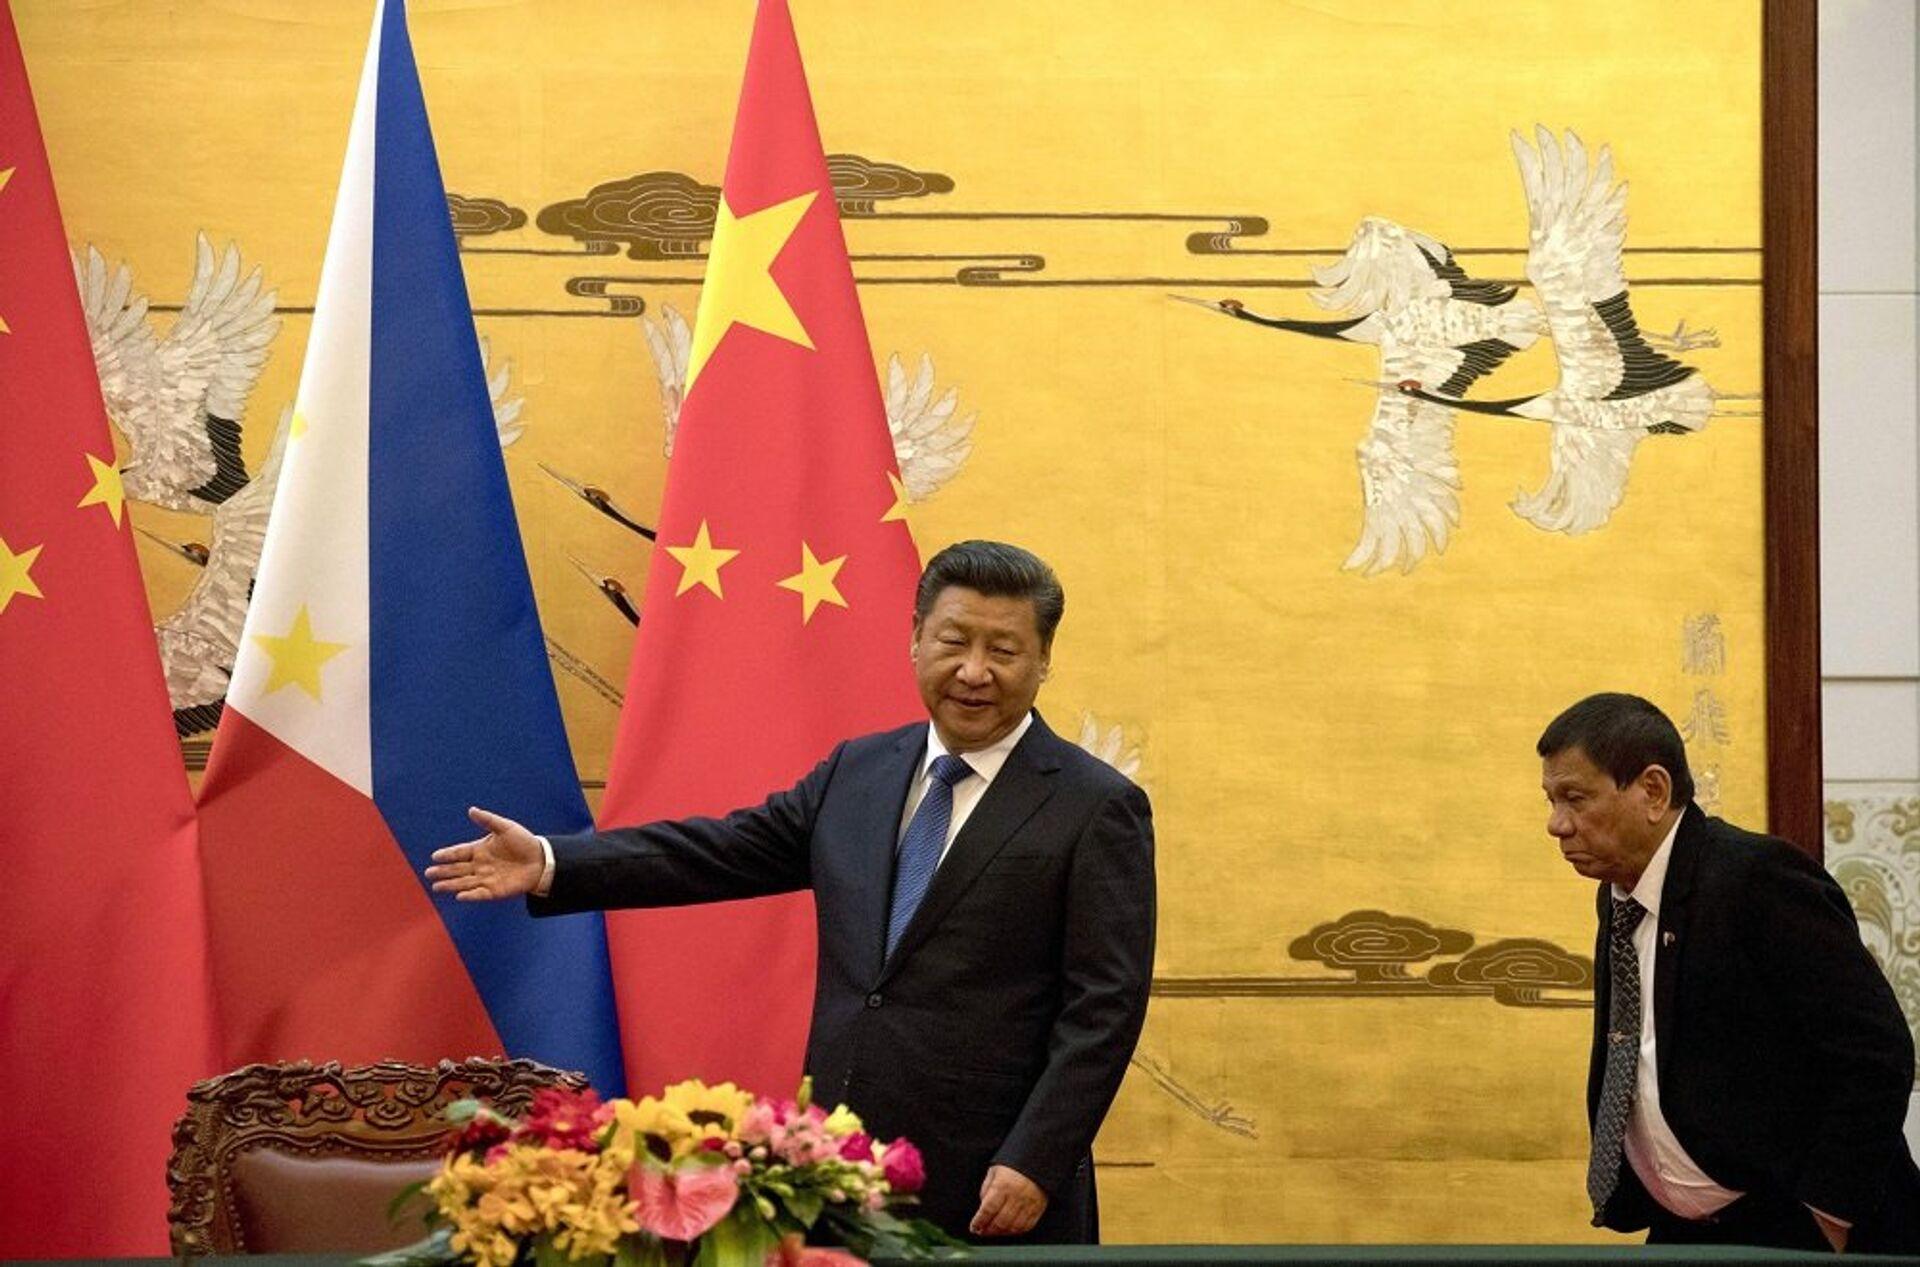 Nhà xã hội chủ nghĩa người Philippines đề xuất theo đuổi chính sách độc lập với Washington và Bắc Kinh - Sputnik Việt Nam, 1920, 26.03.2021